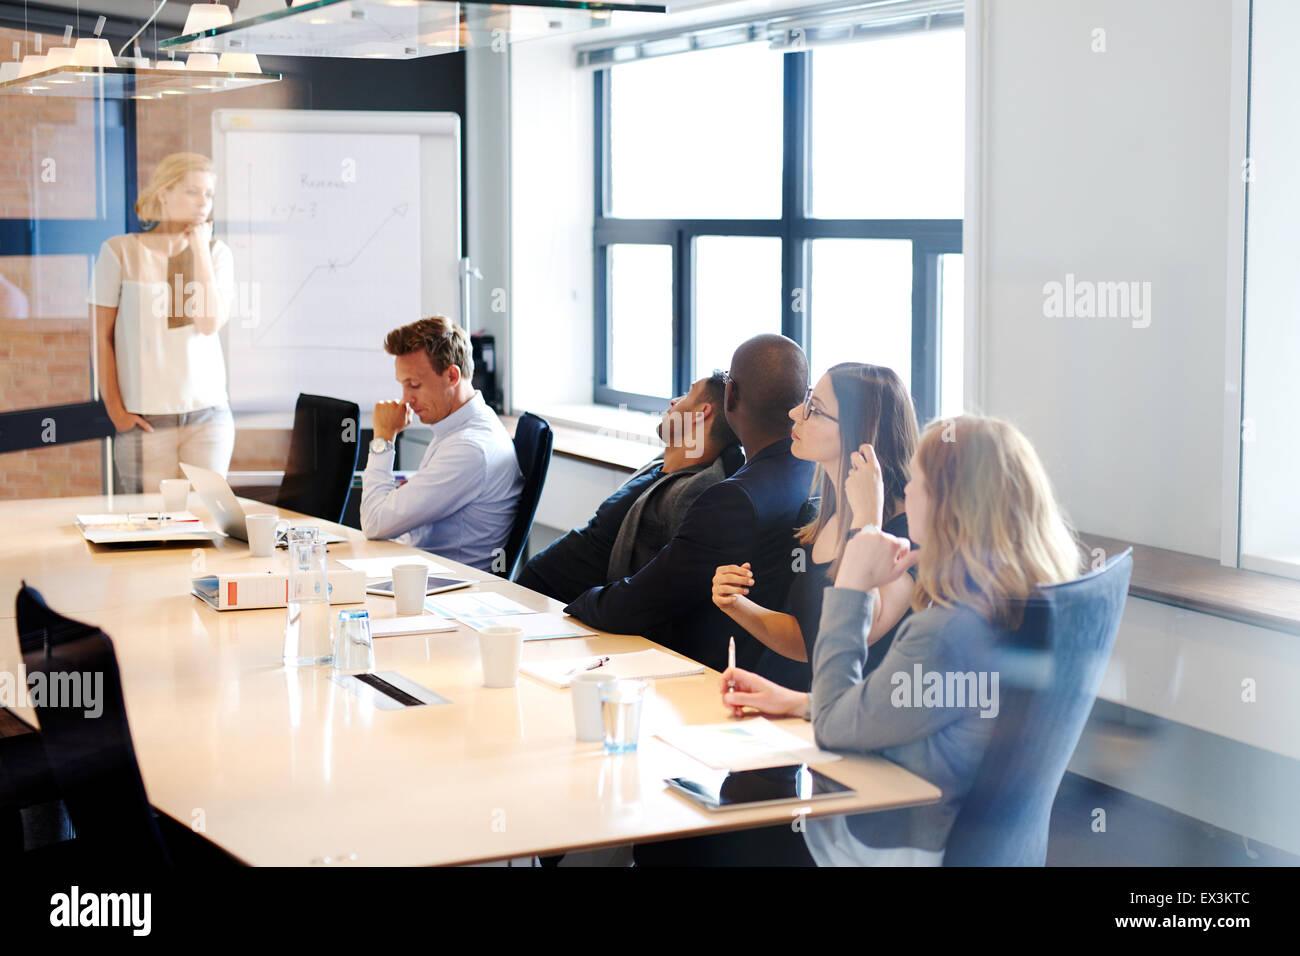 Femmina bianca executive in piedi alla testa della sala conferenze tabella conduce una riunione con i colleghi Immagini Stock